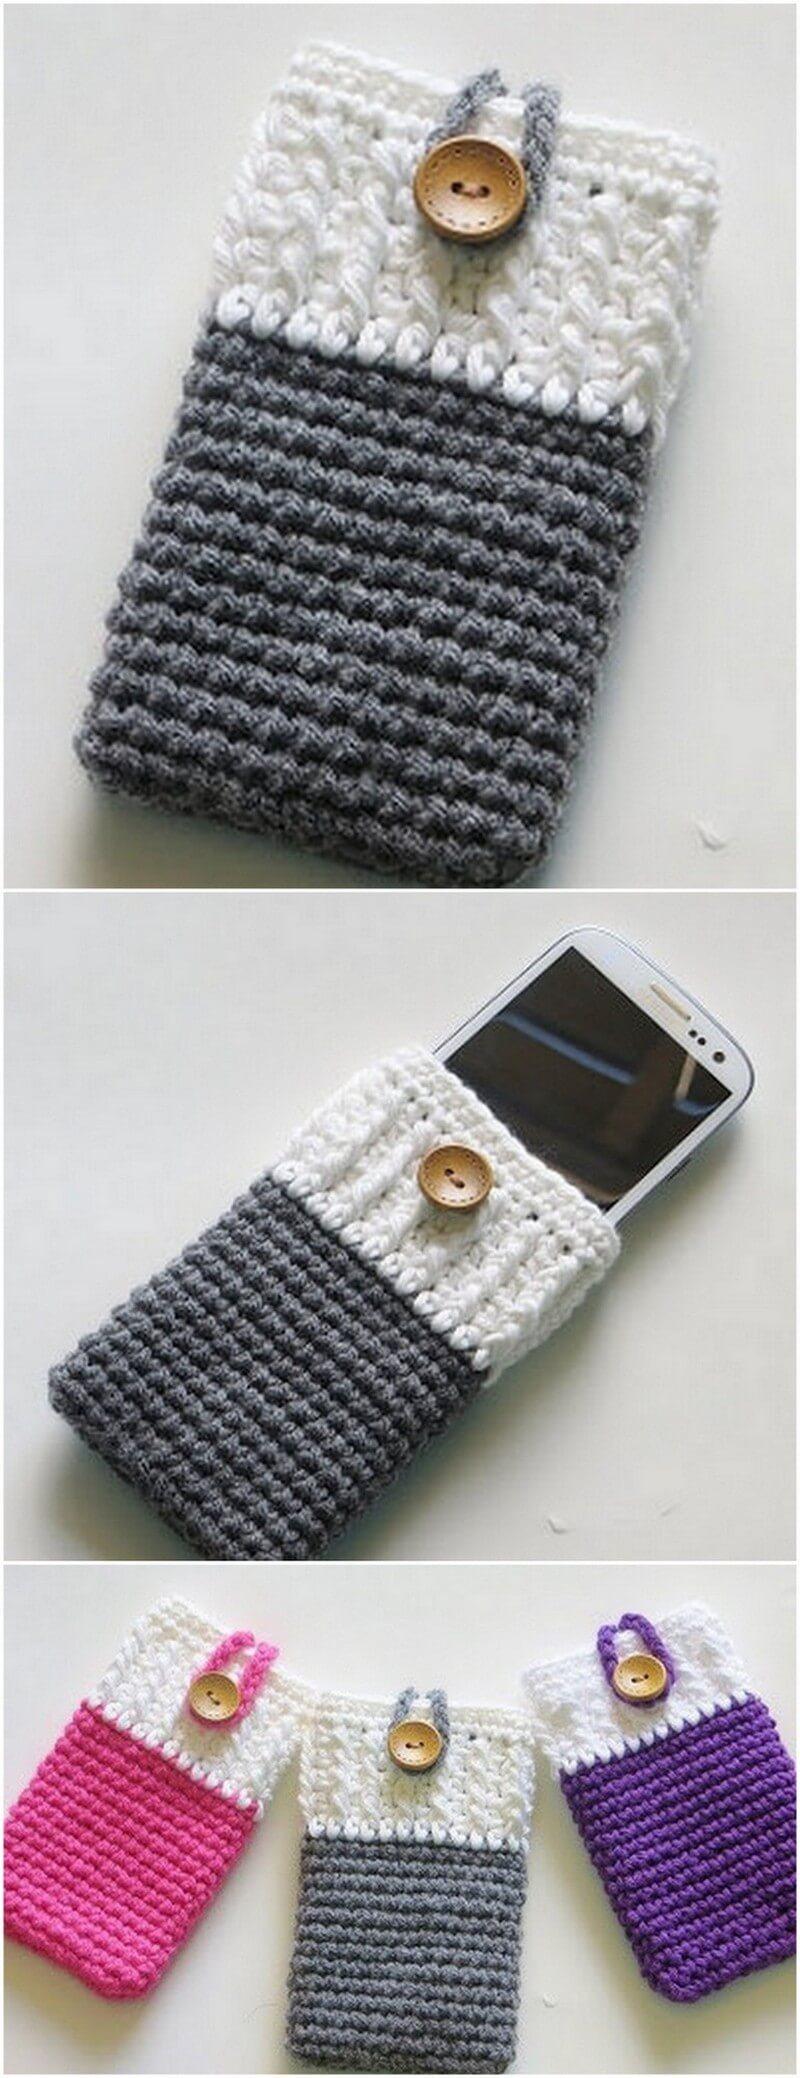 Crochet Mobile Cover Pattern (1)